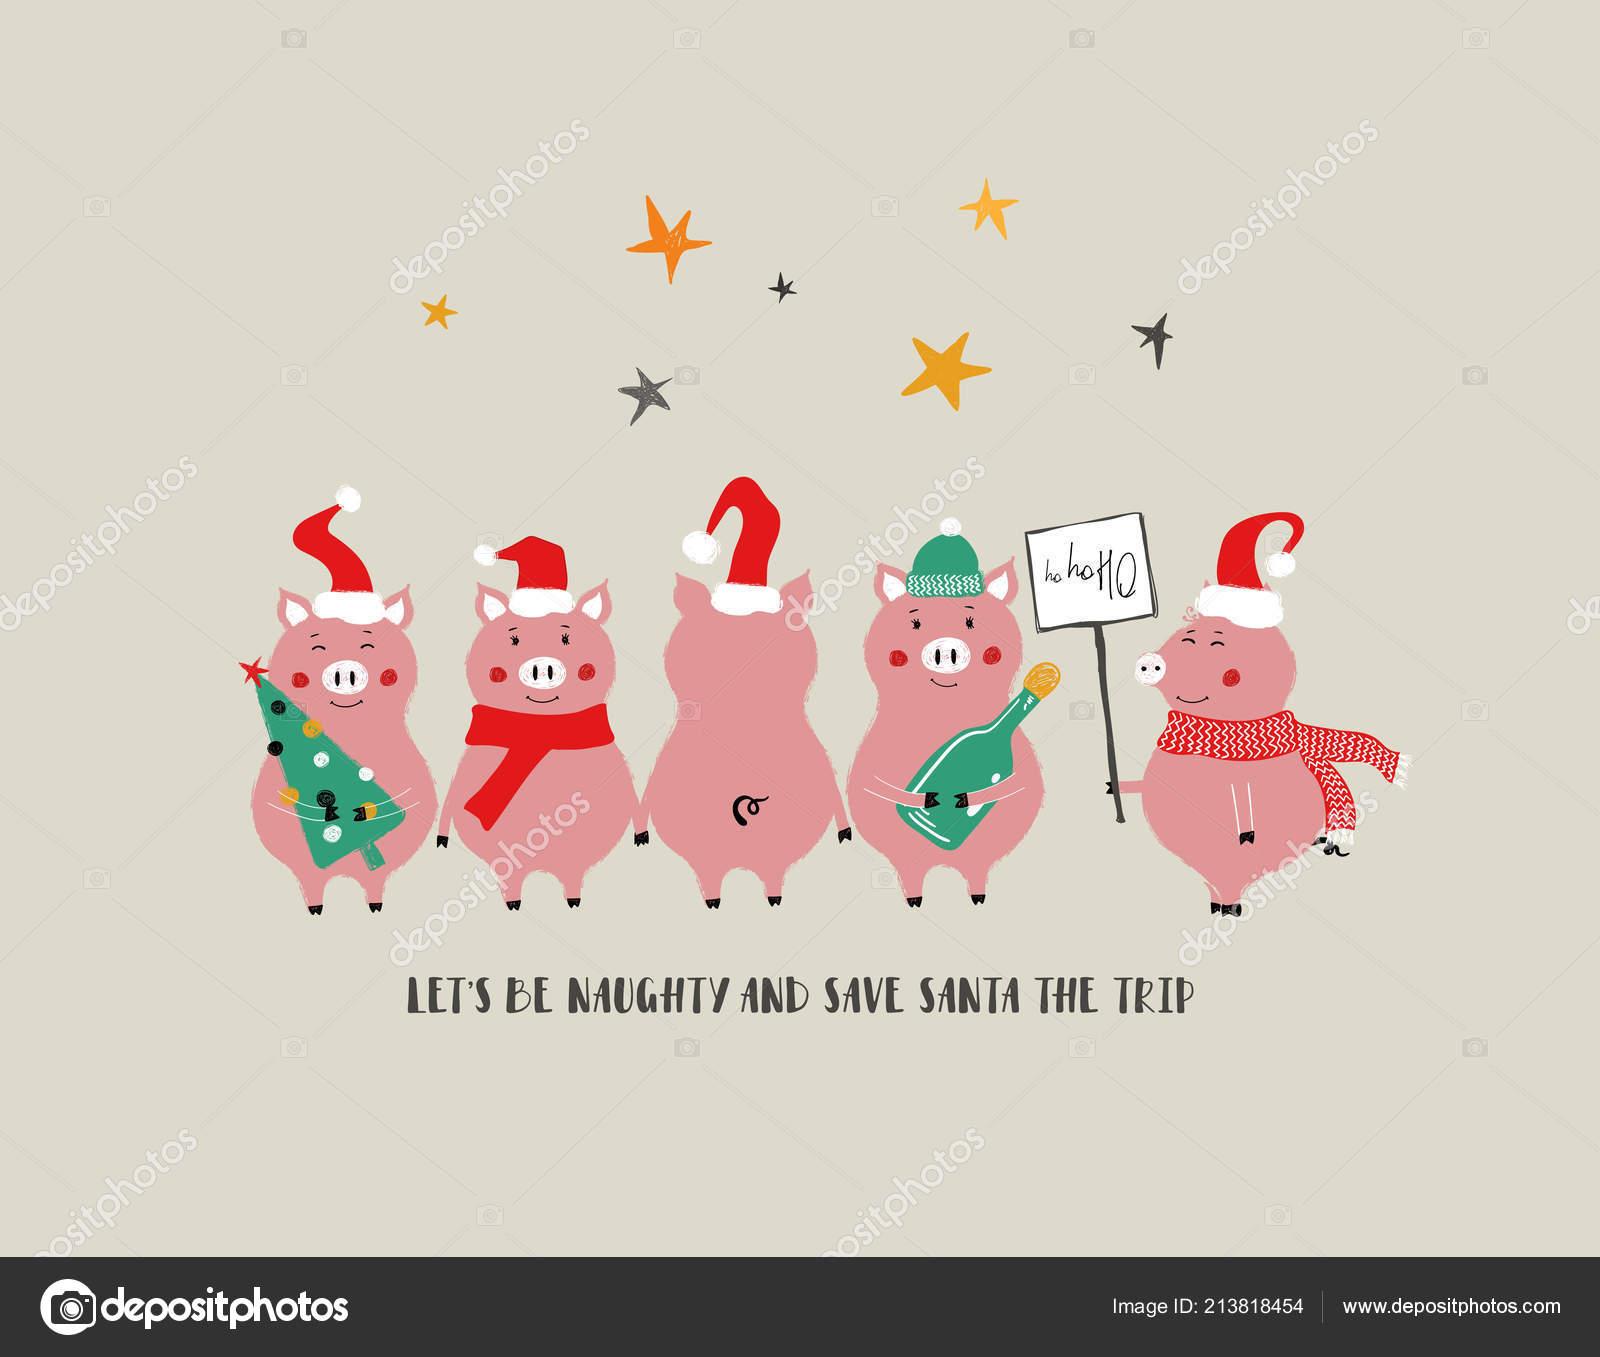 Frases De Felicitacion De Ano Nuevo Y Navidad.Divertida Banda Cerdos Tarjeta Felicitacion Navidad Ano